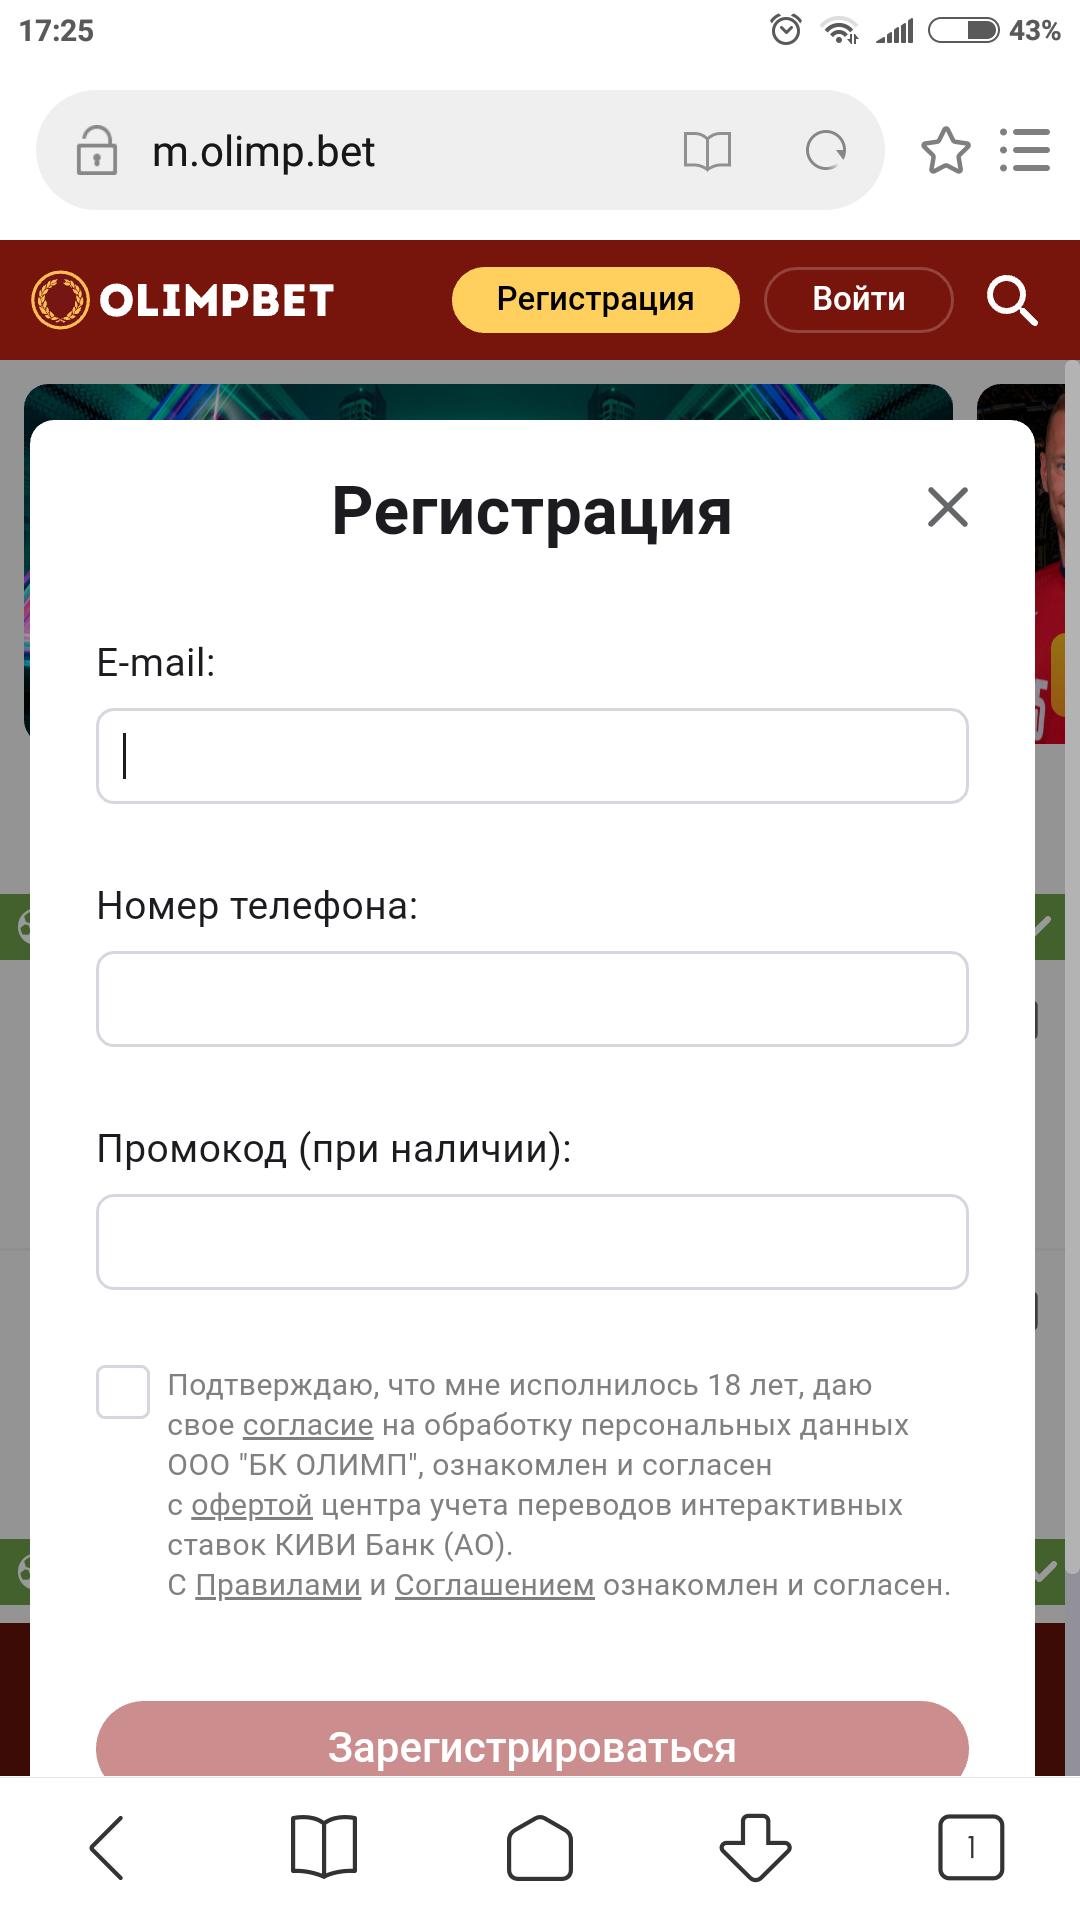 процесс создания аккаунта через мобильную версию